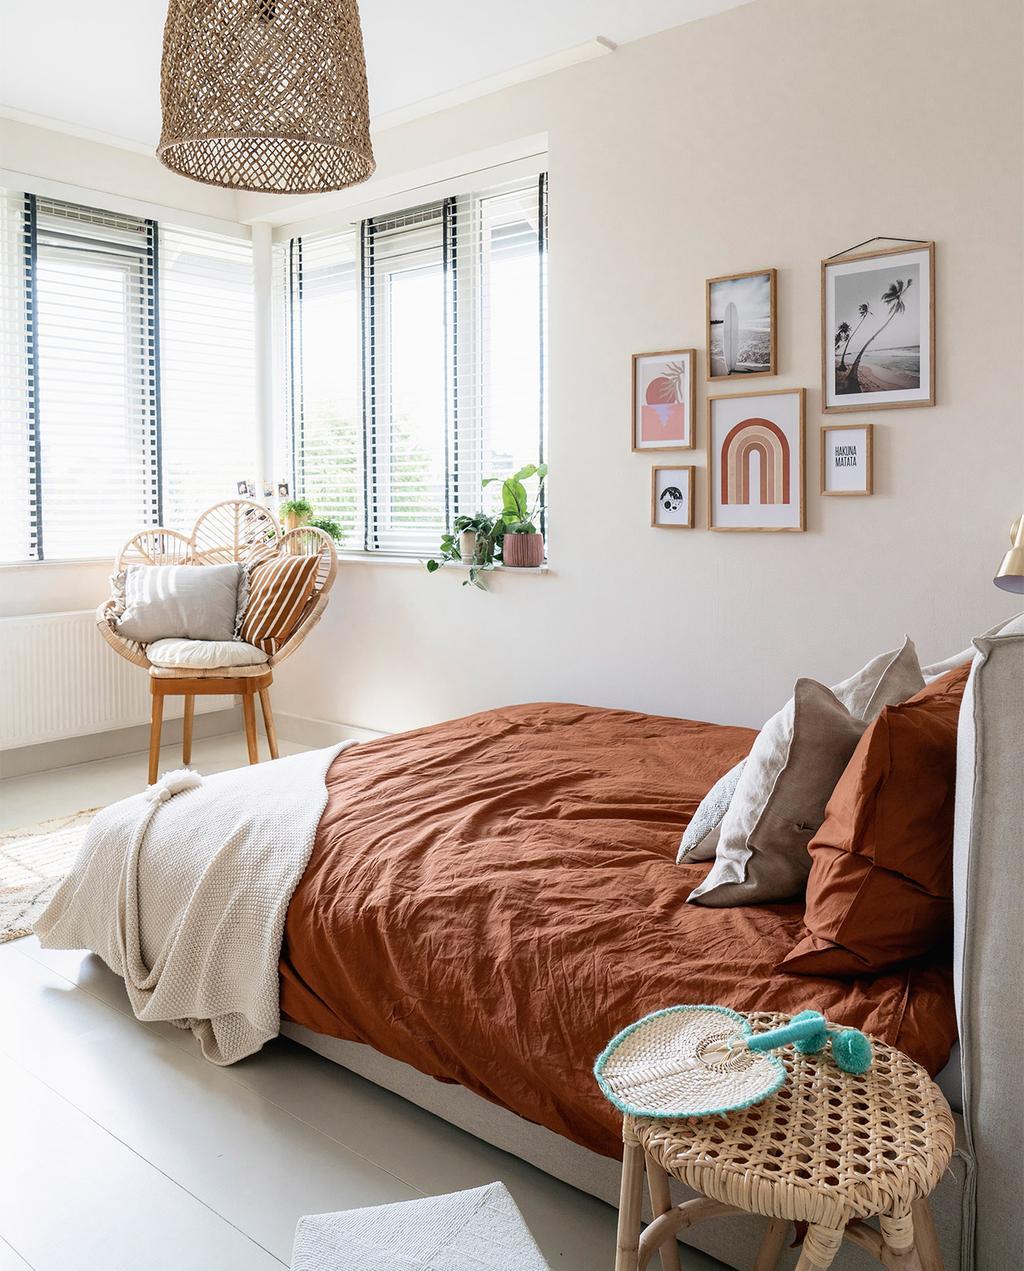 vtwonen 08-2021 | tienerkamer met bed en terracotta dekbedovertrek, op de achtergrond zijn verschillende posters